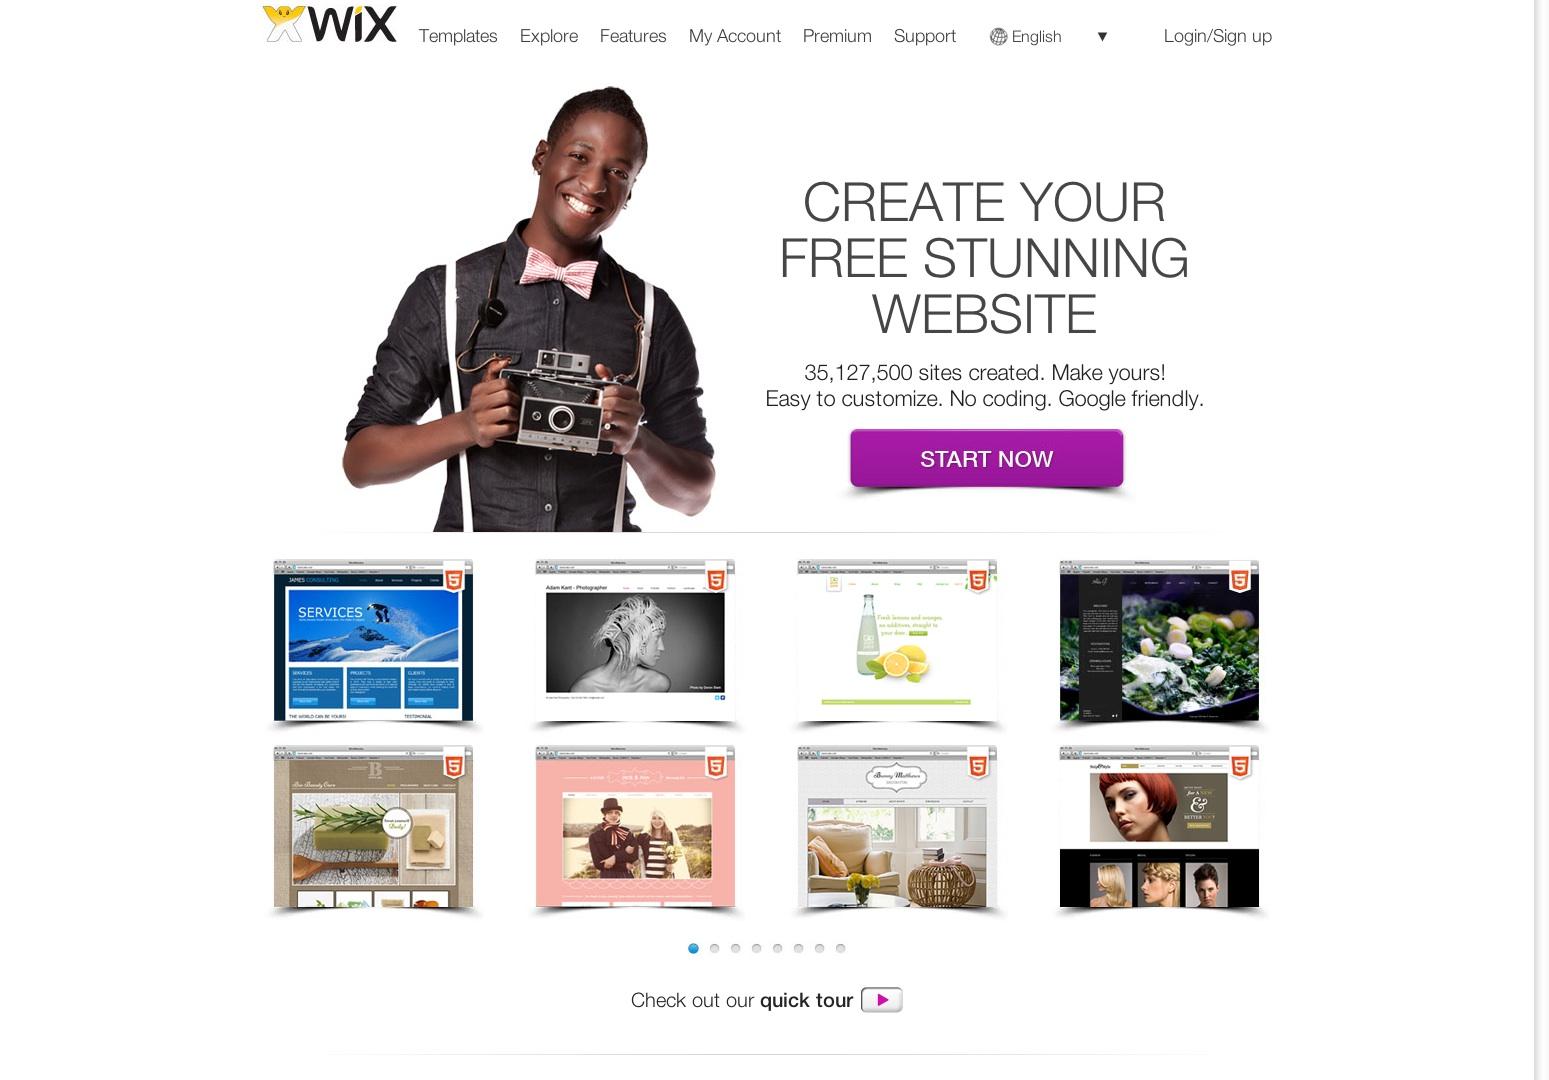 Constructor de sitios web gratis | Crea un sitio web gratis | WIX